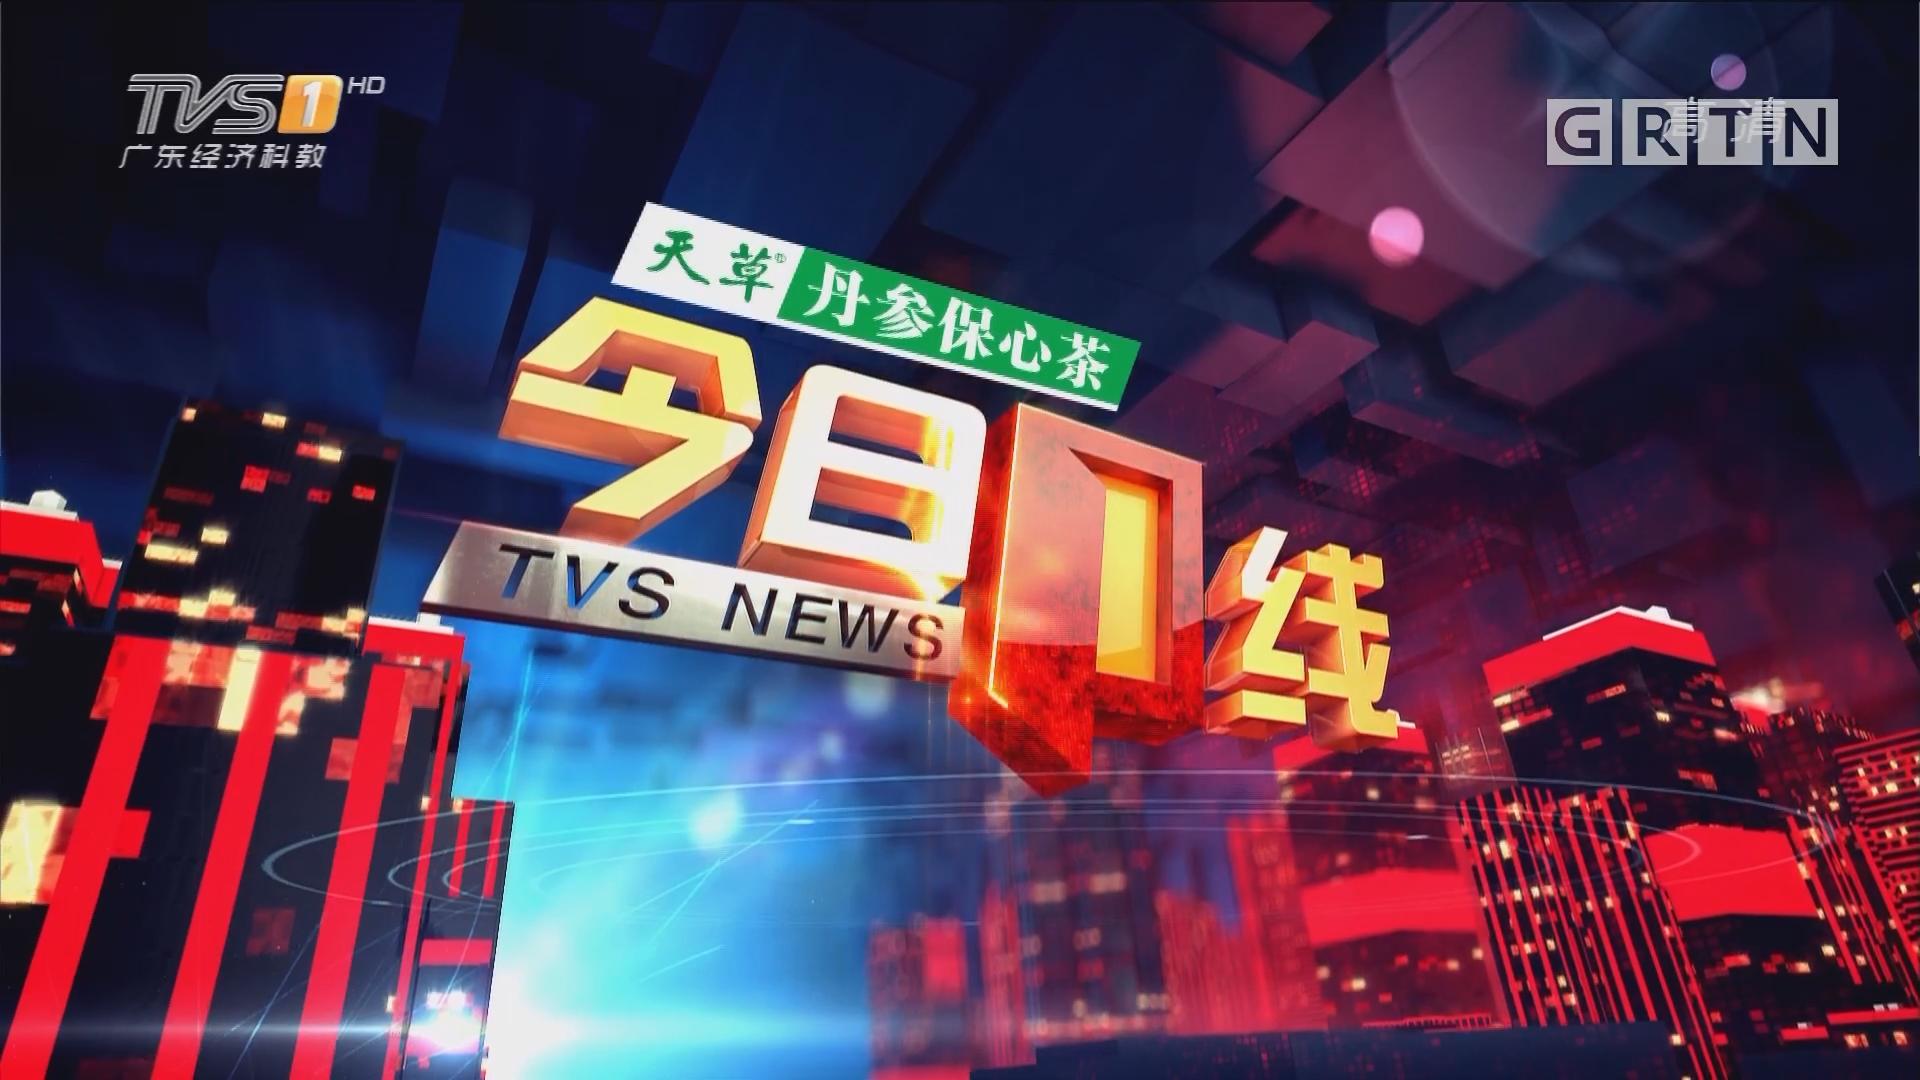 [HD][2017-12-23]今日一线:广东:4K超高清电视启动试播 马兴瑞等出席